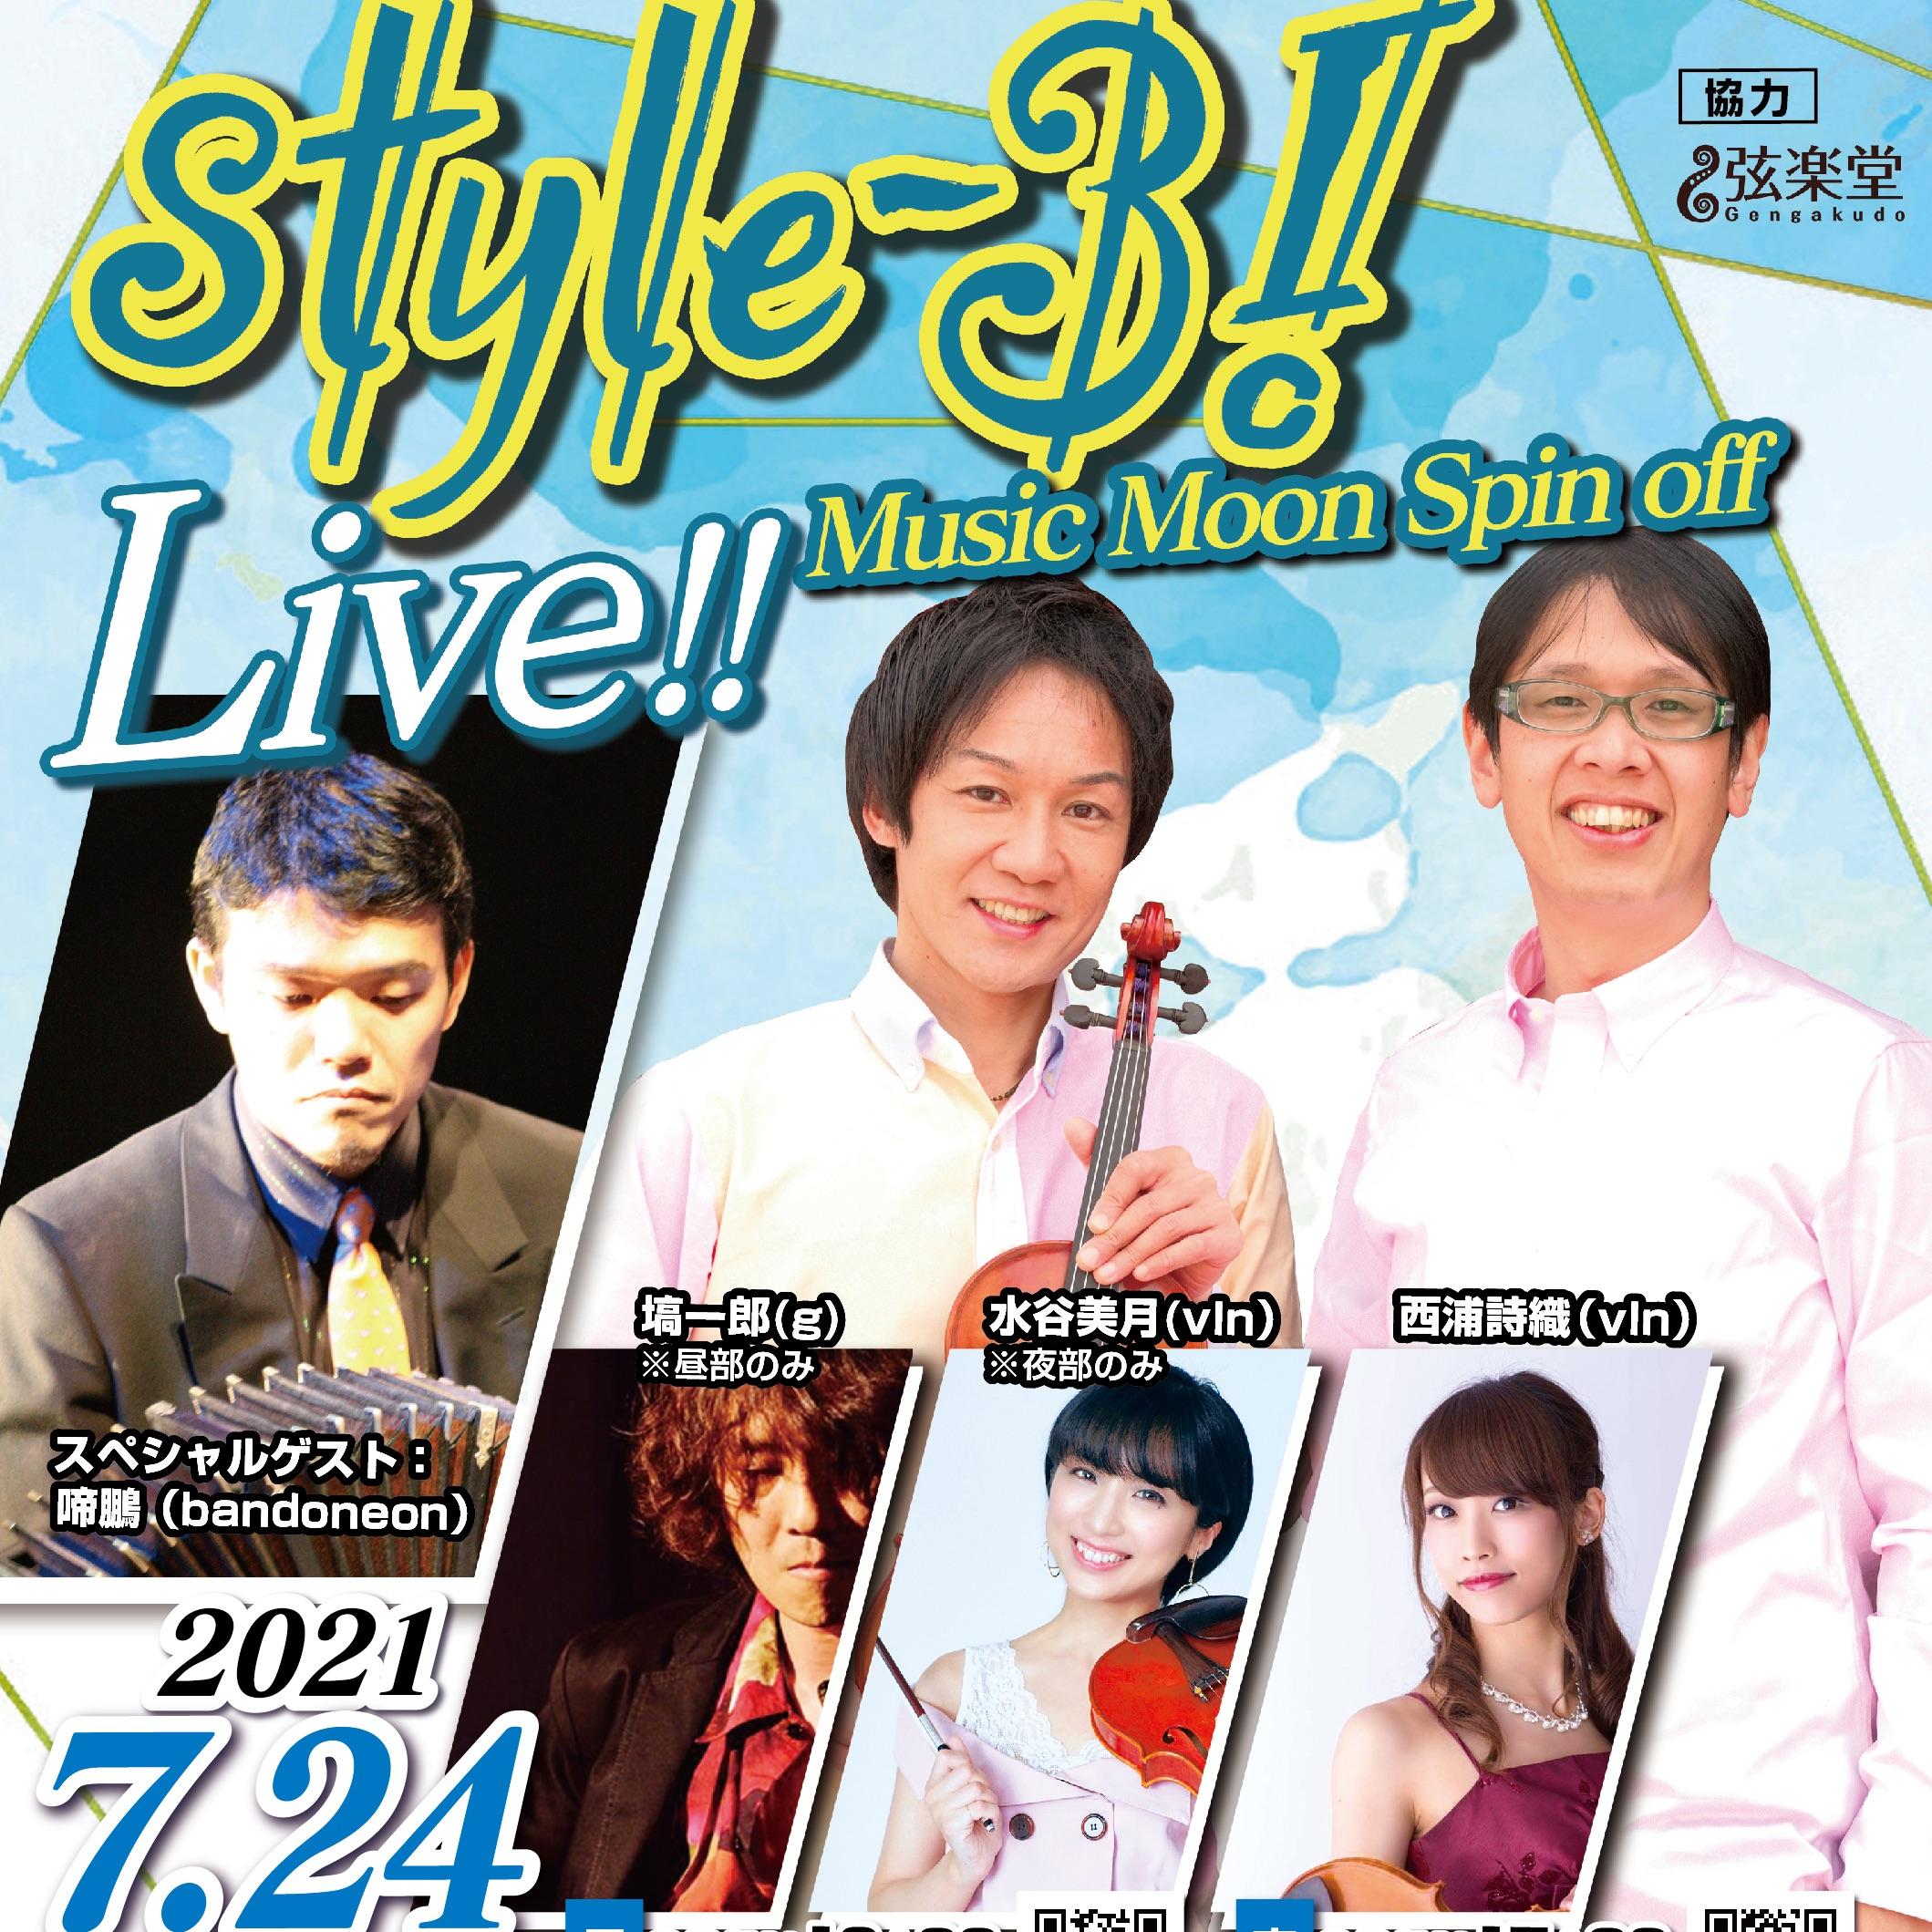 【公演延期】style-3!